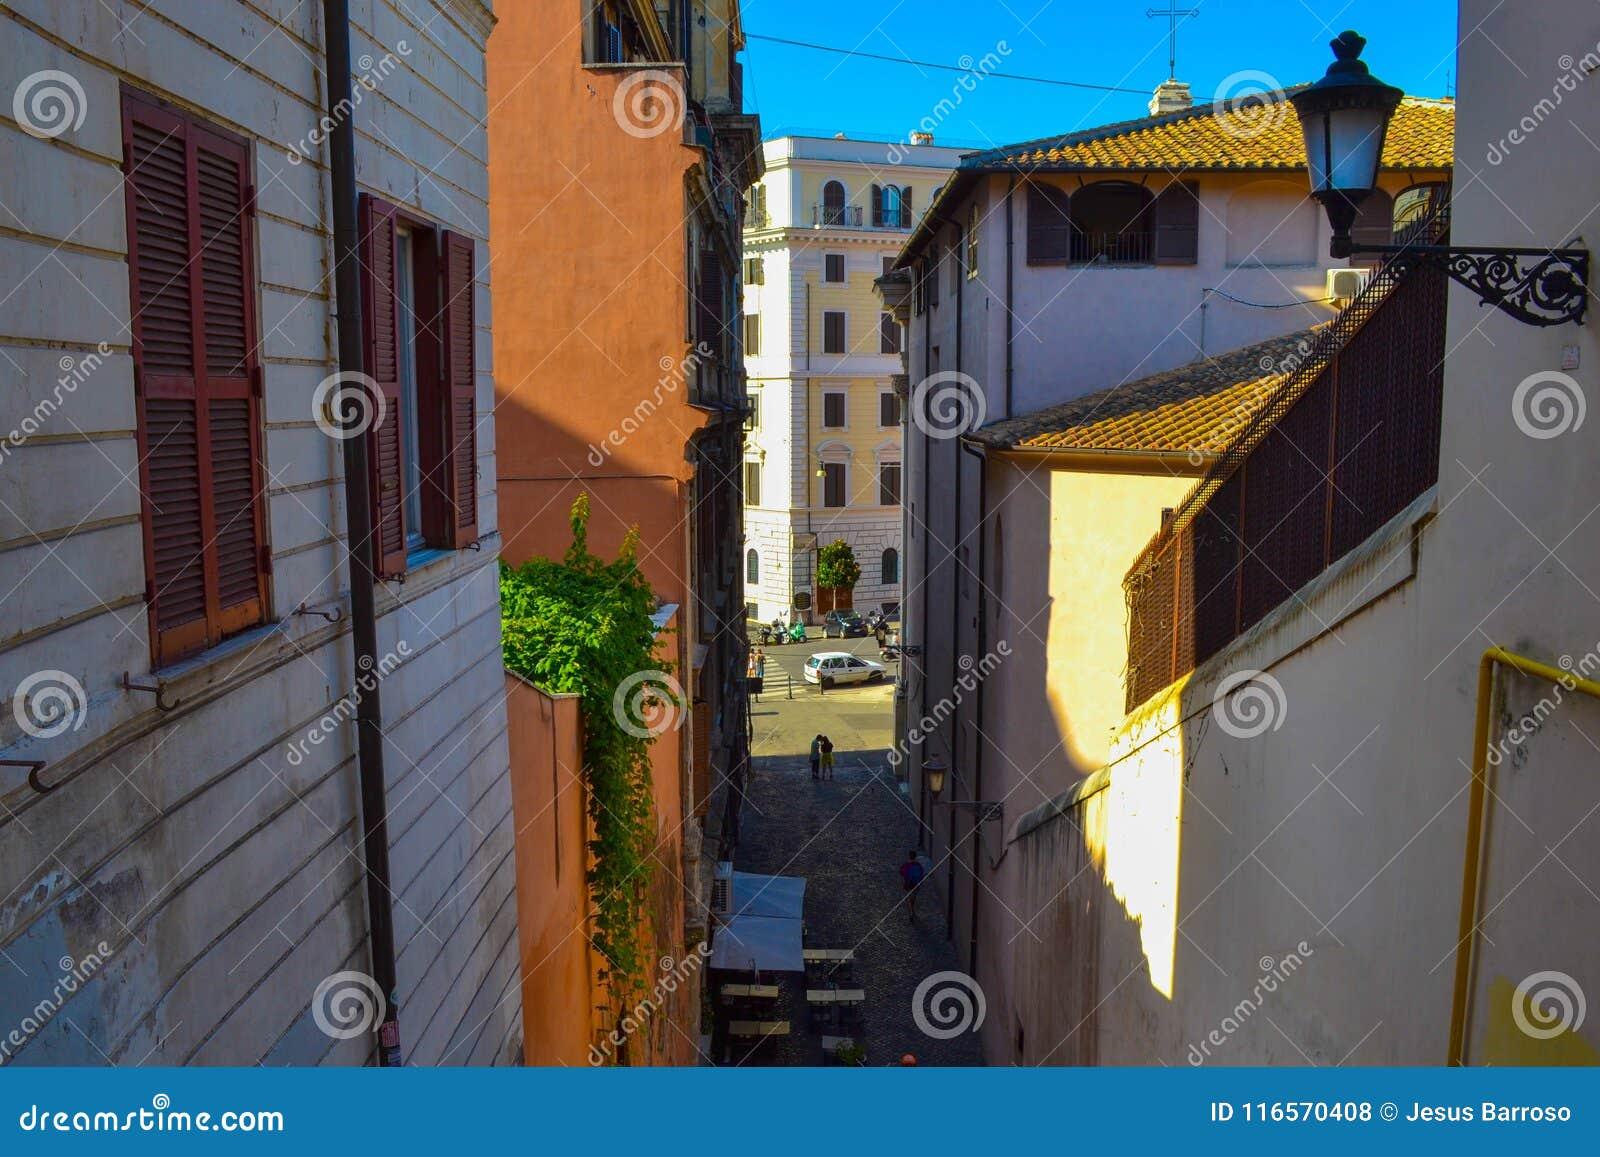 Μικρή αλέα στη μέση της Ρώμης, Ιταλία, με έναν φραγμό καφέδων με τον πίνακα